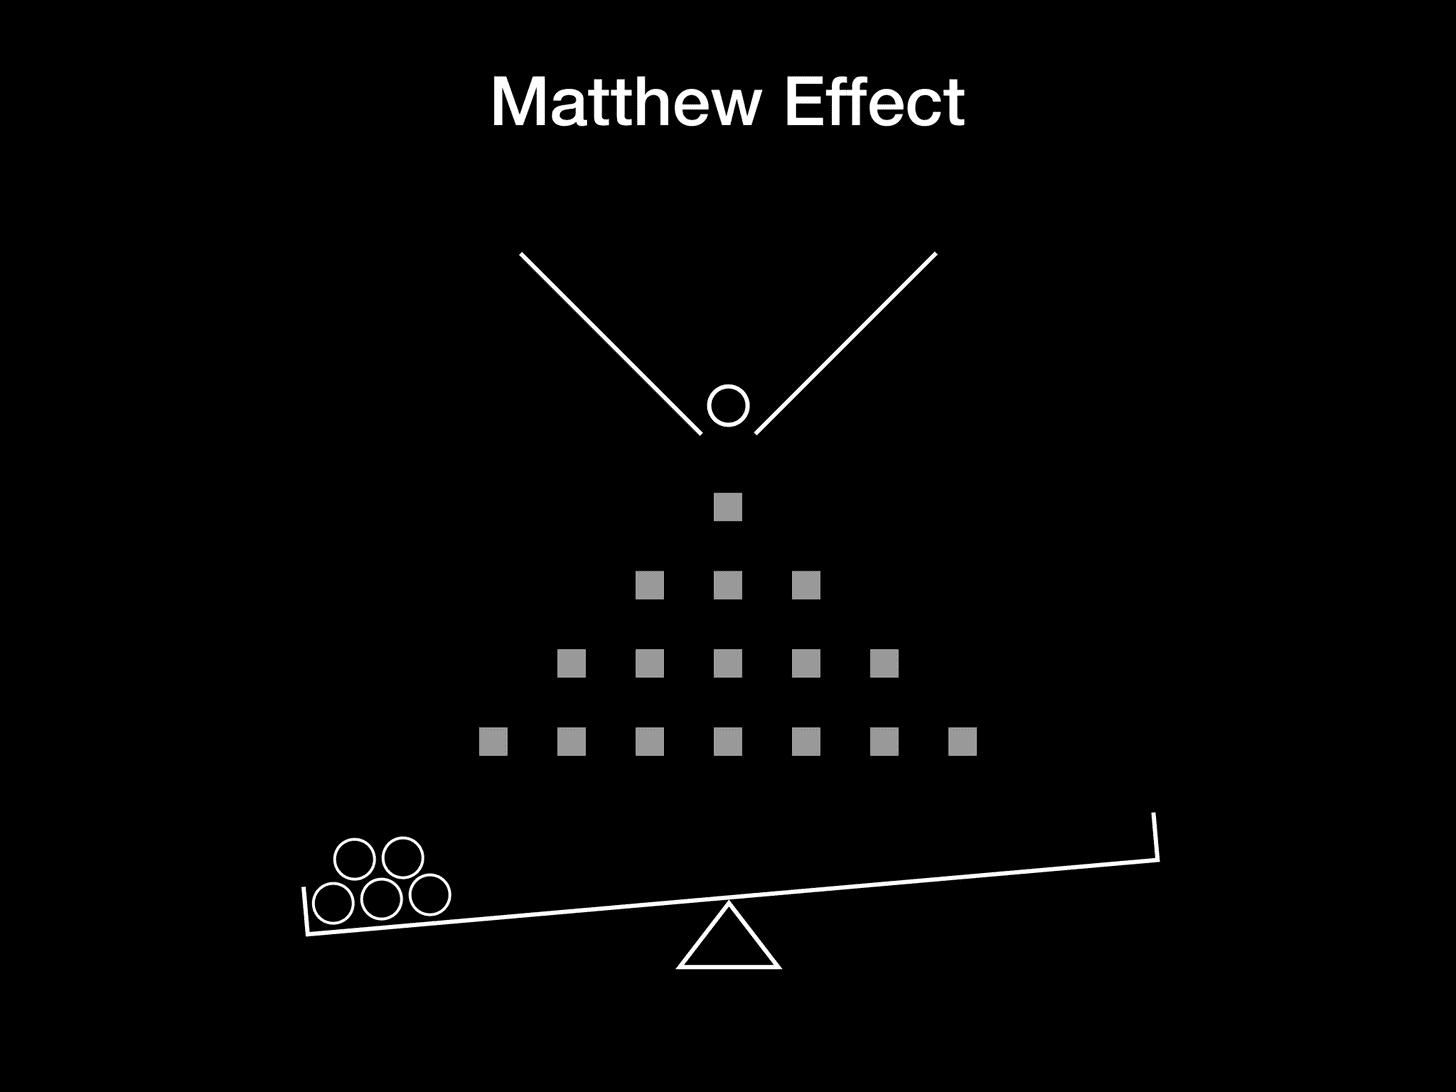 사회학자 로버트 머튼(Robert Merton)이 만든 매튜효과(Matthew Effect)